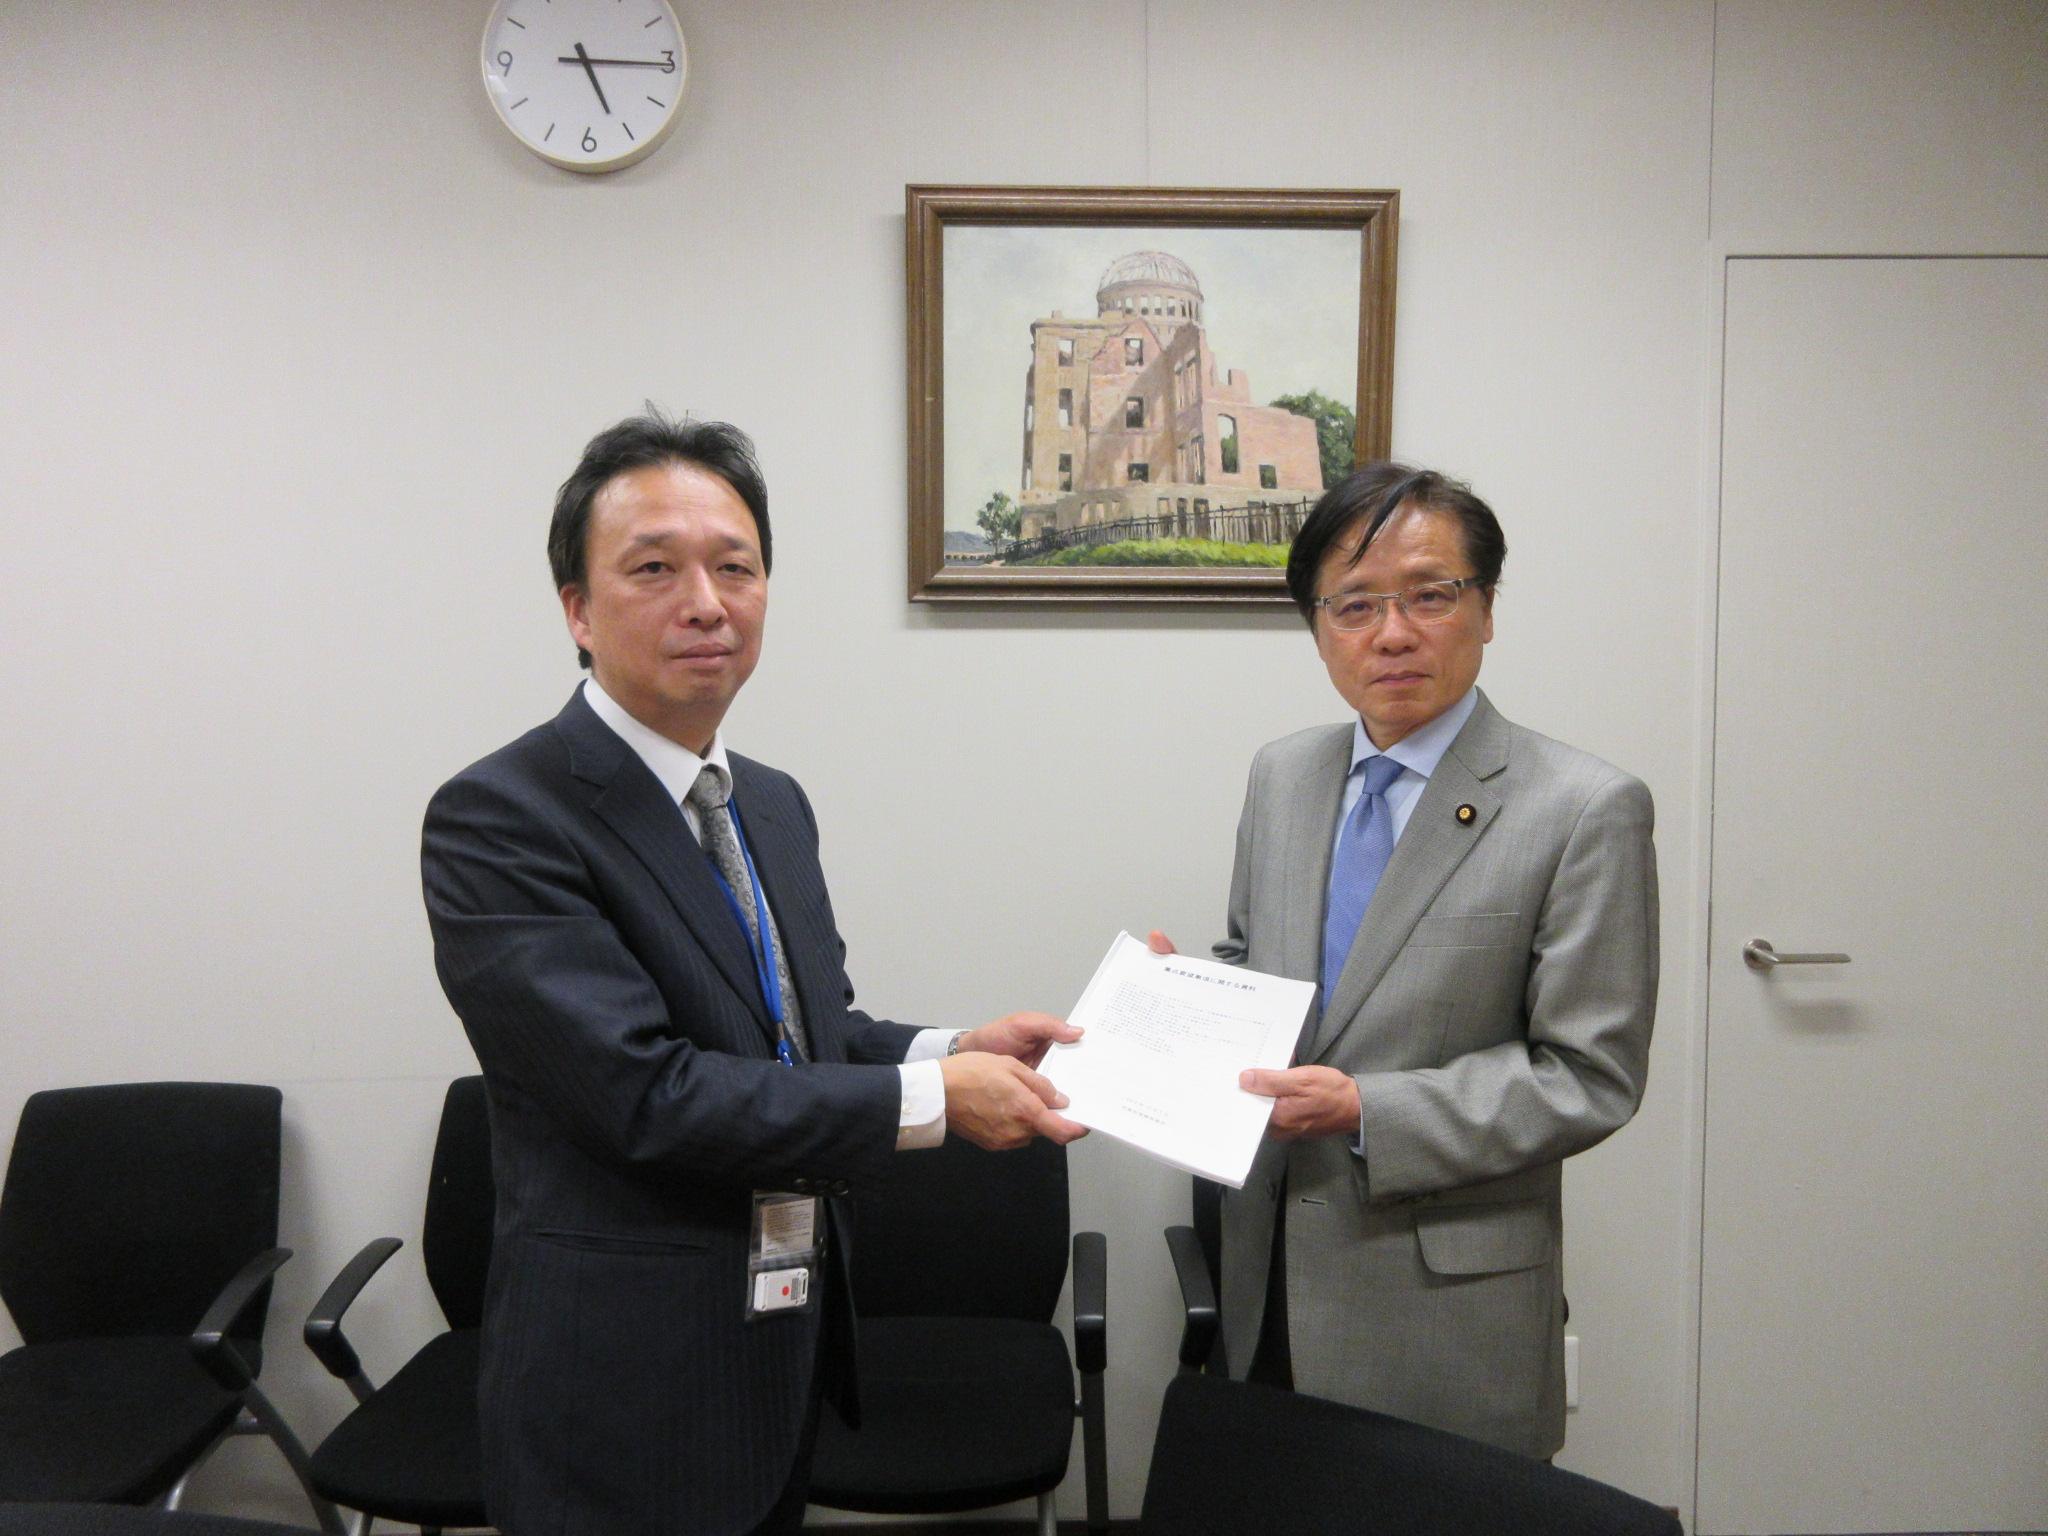 http://www.inoue-satoshi.com/diary/IMG_2786.JPG